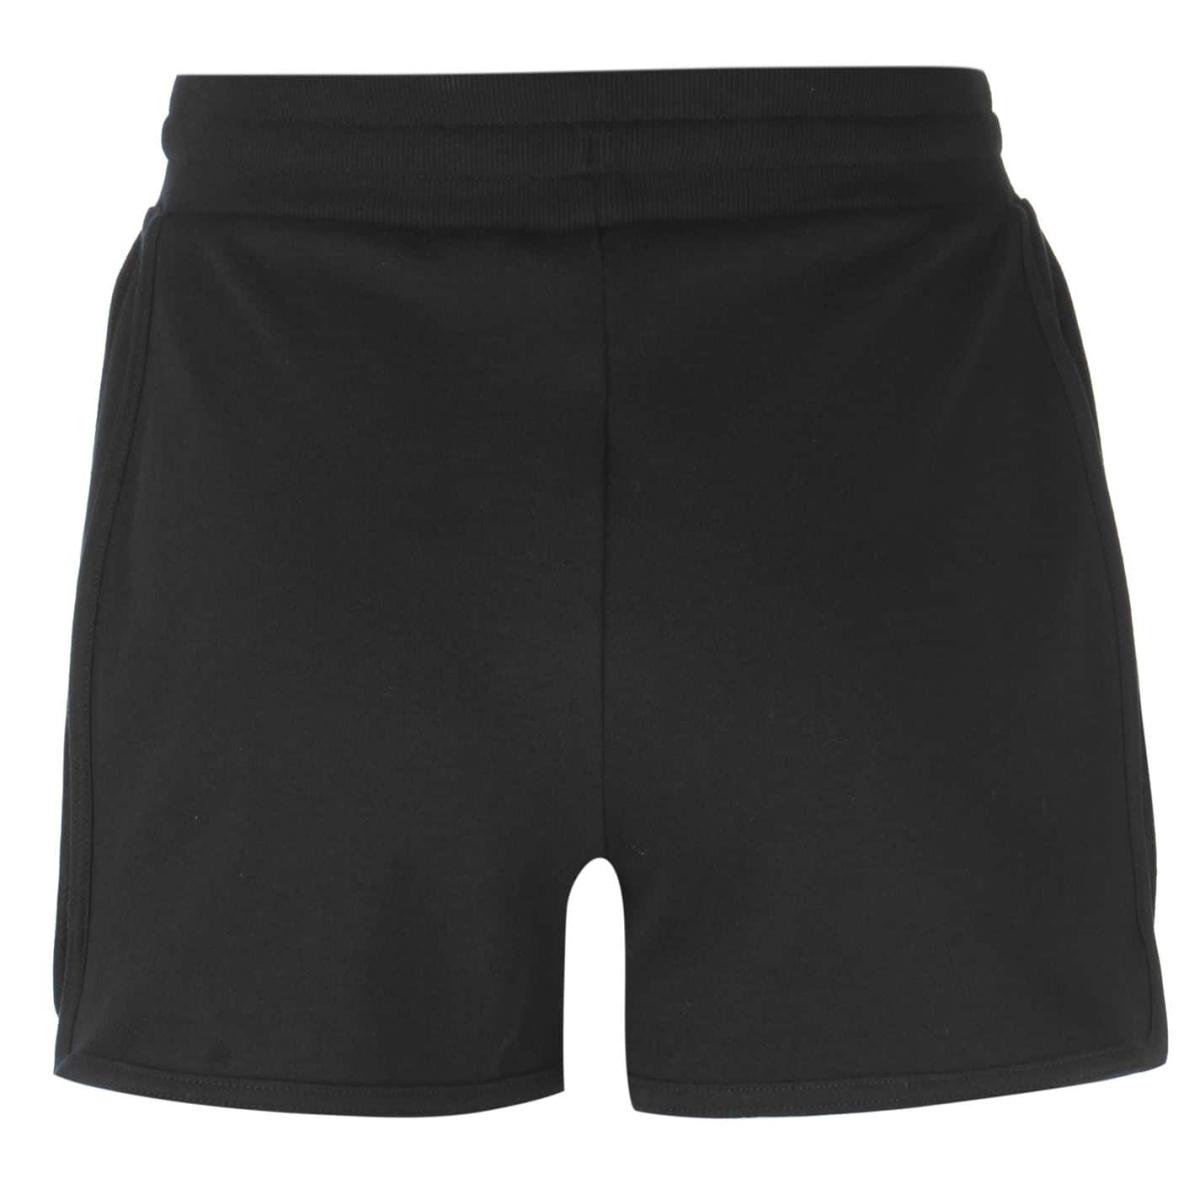 Everlast Il Kurzhose Shorts Damen Schwarz